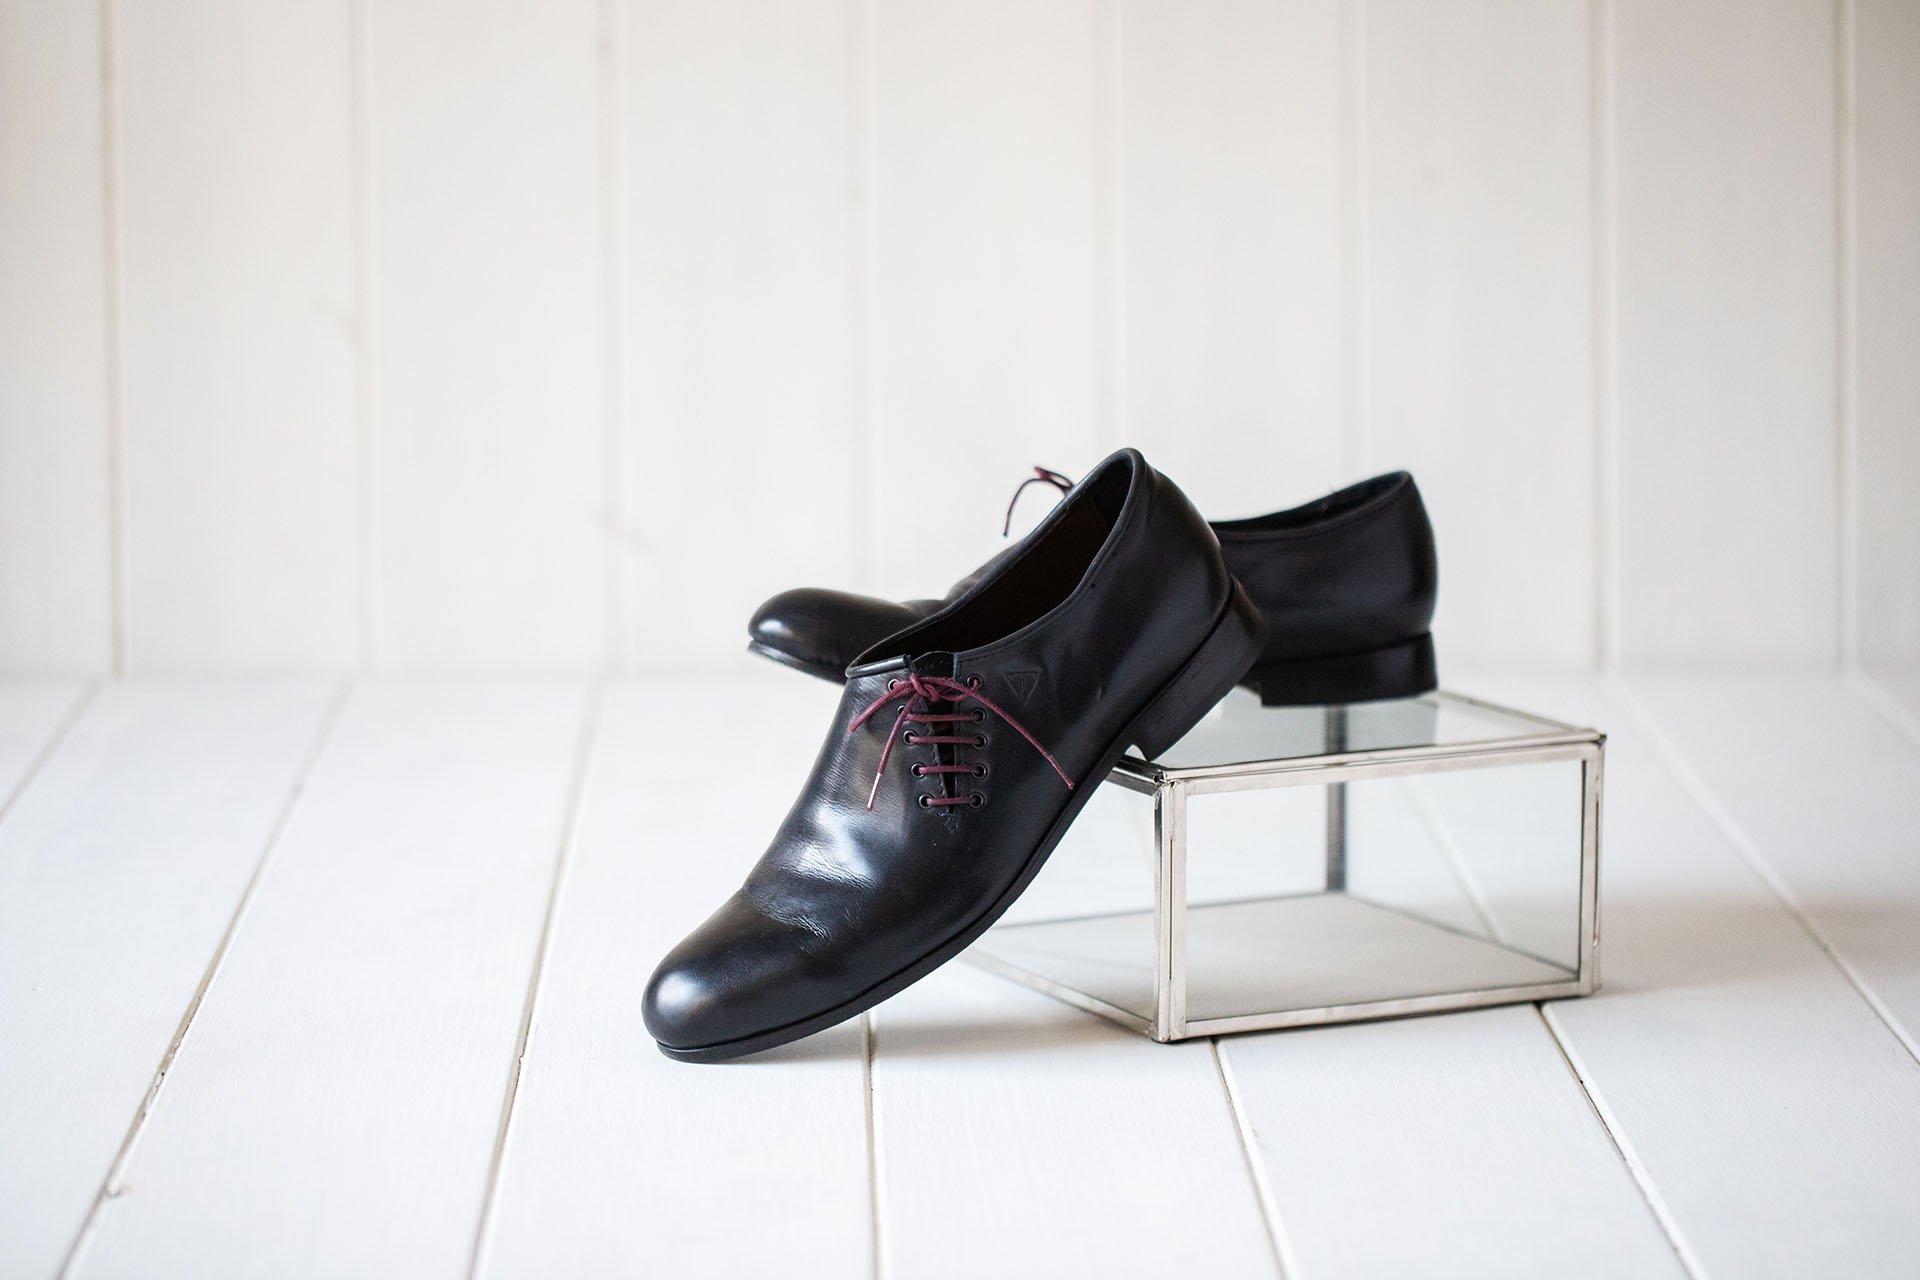 Pantofola-liscio-laccio-A1